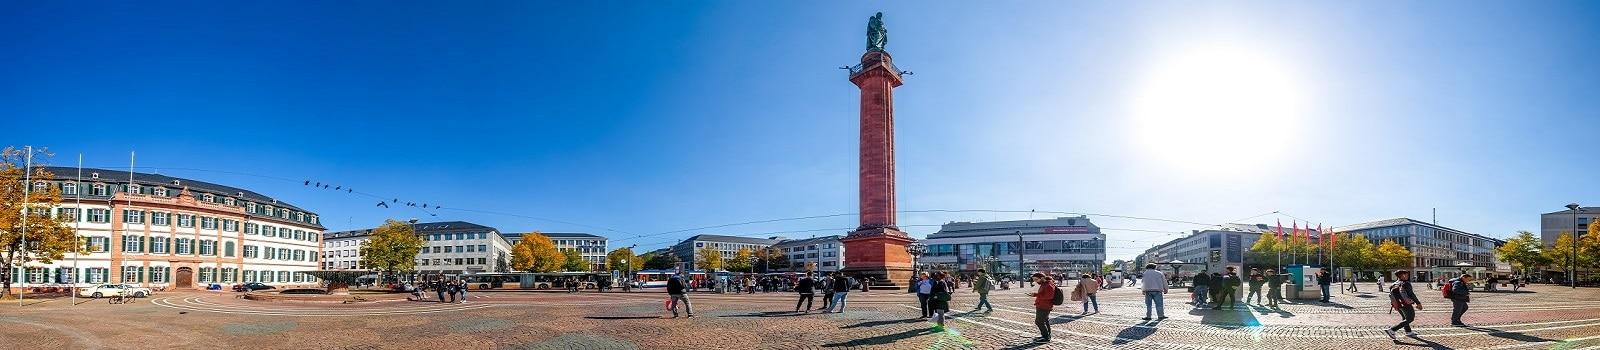 Blick über den Luisenplatz in Darmstadt